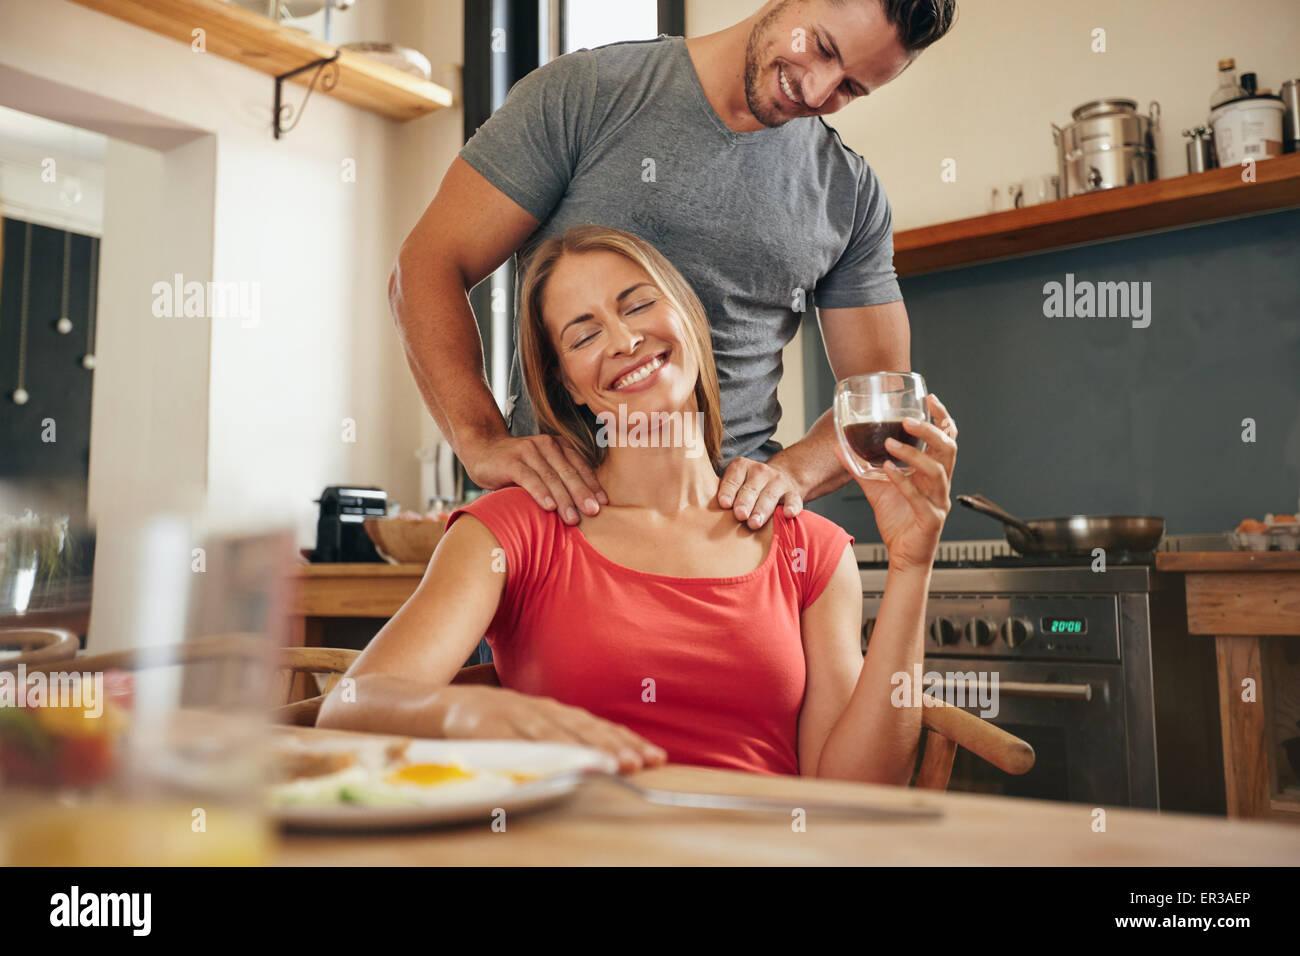 Feliz joven sentado en el desayuno tablet sosteniendo una taza de café recibiendo un masaje de hombro de su Imagen De Stock